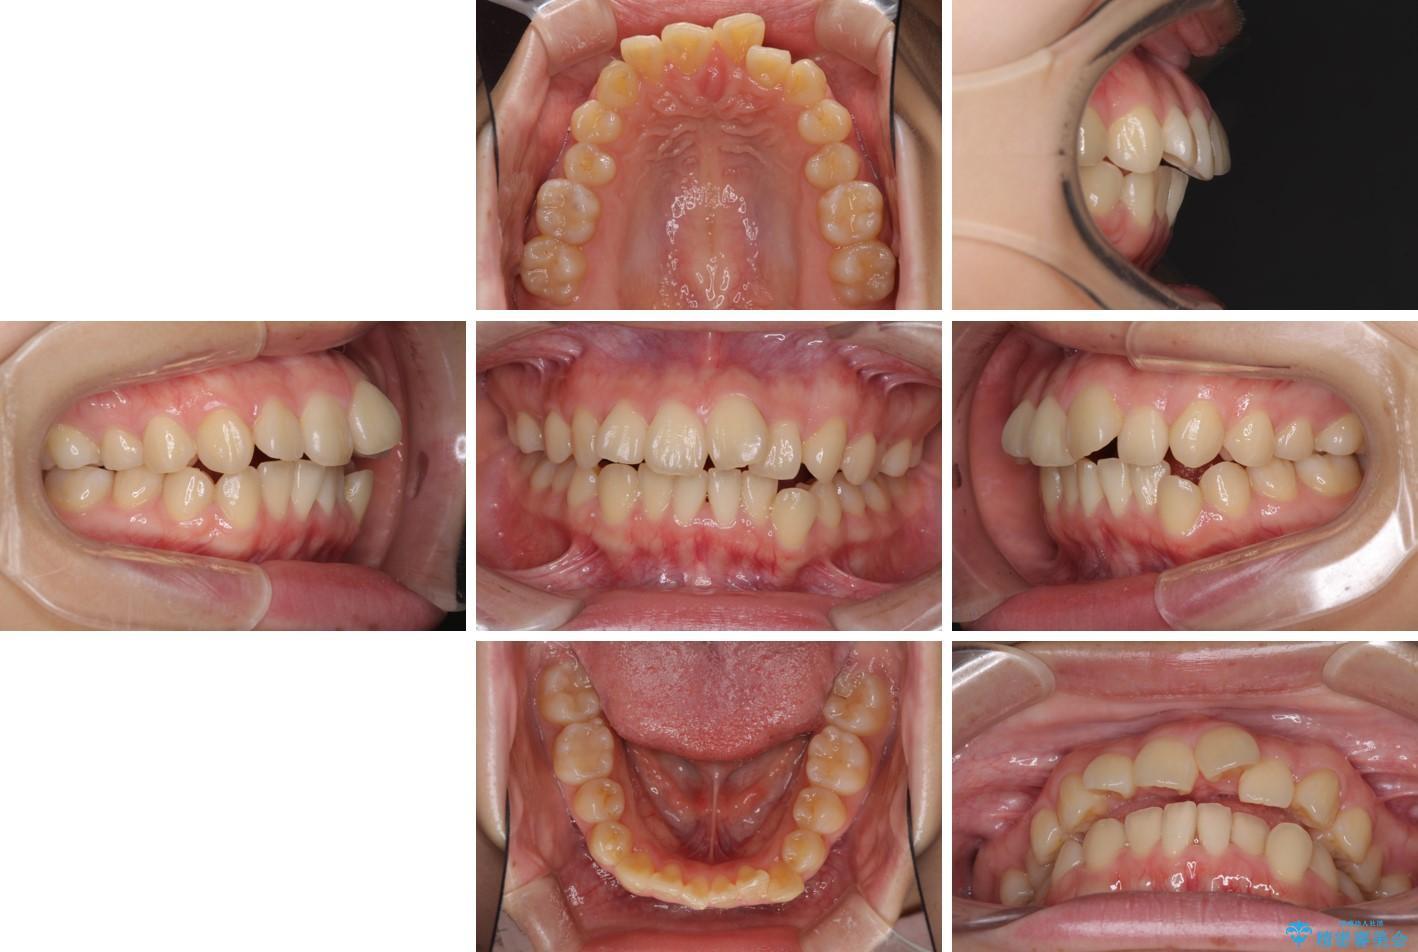 デコボコで飛び出した前歯をきれいに インビザラインによる矯正治療 治療前画像